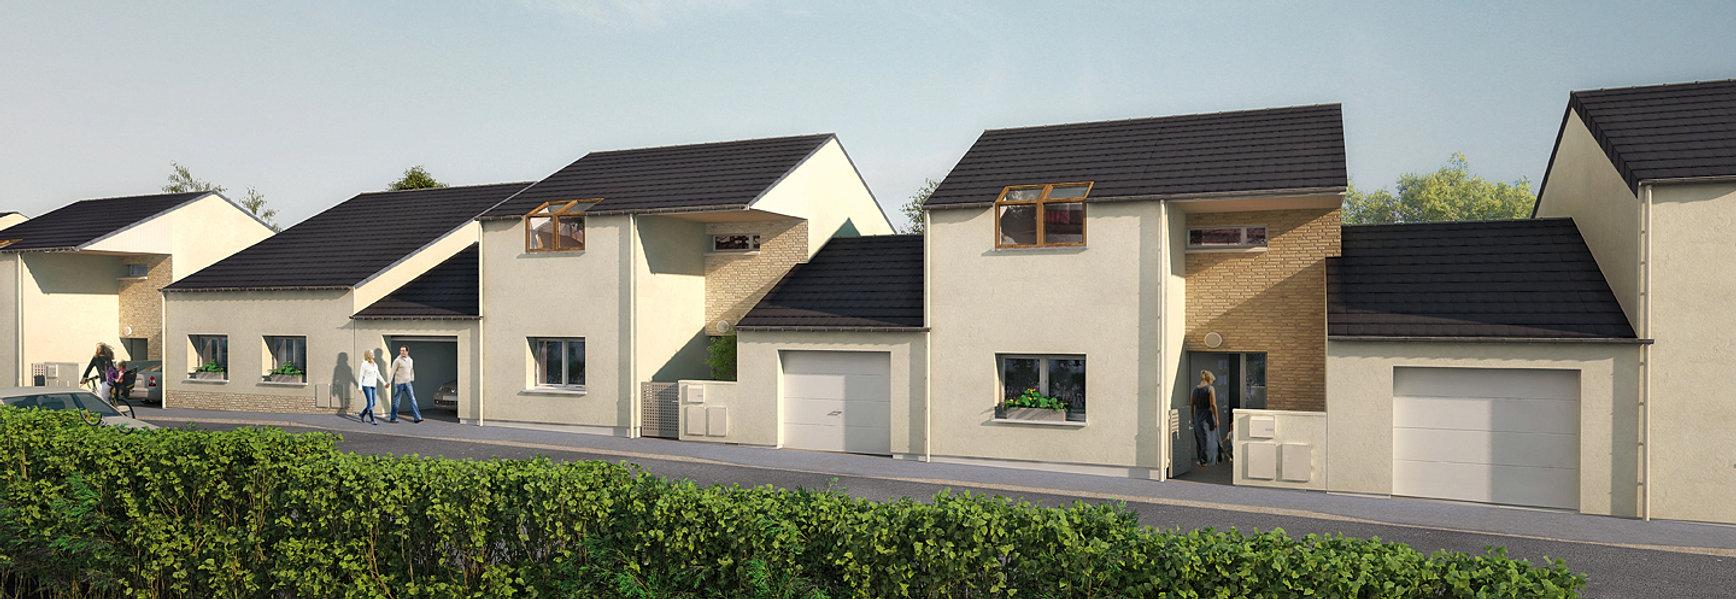 Toit aussi achat vente location maison amiens for Amiens location maison